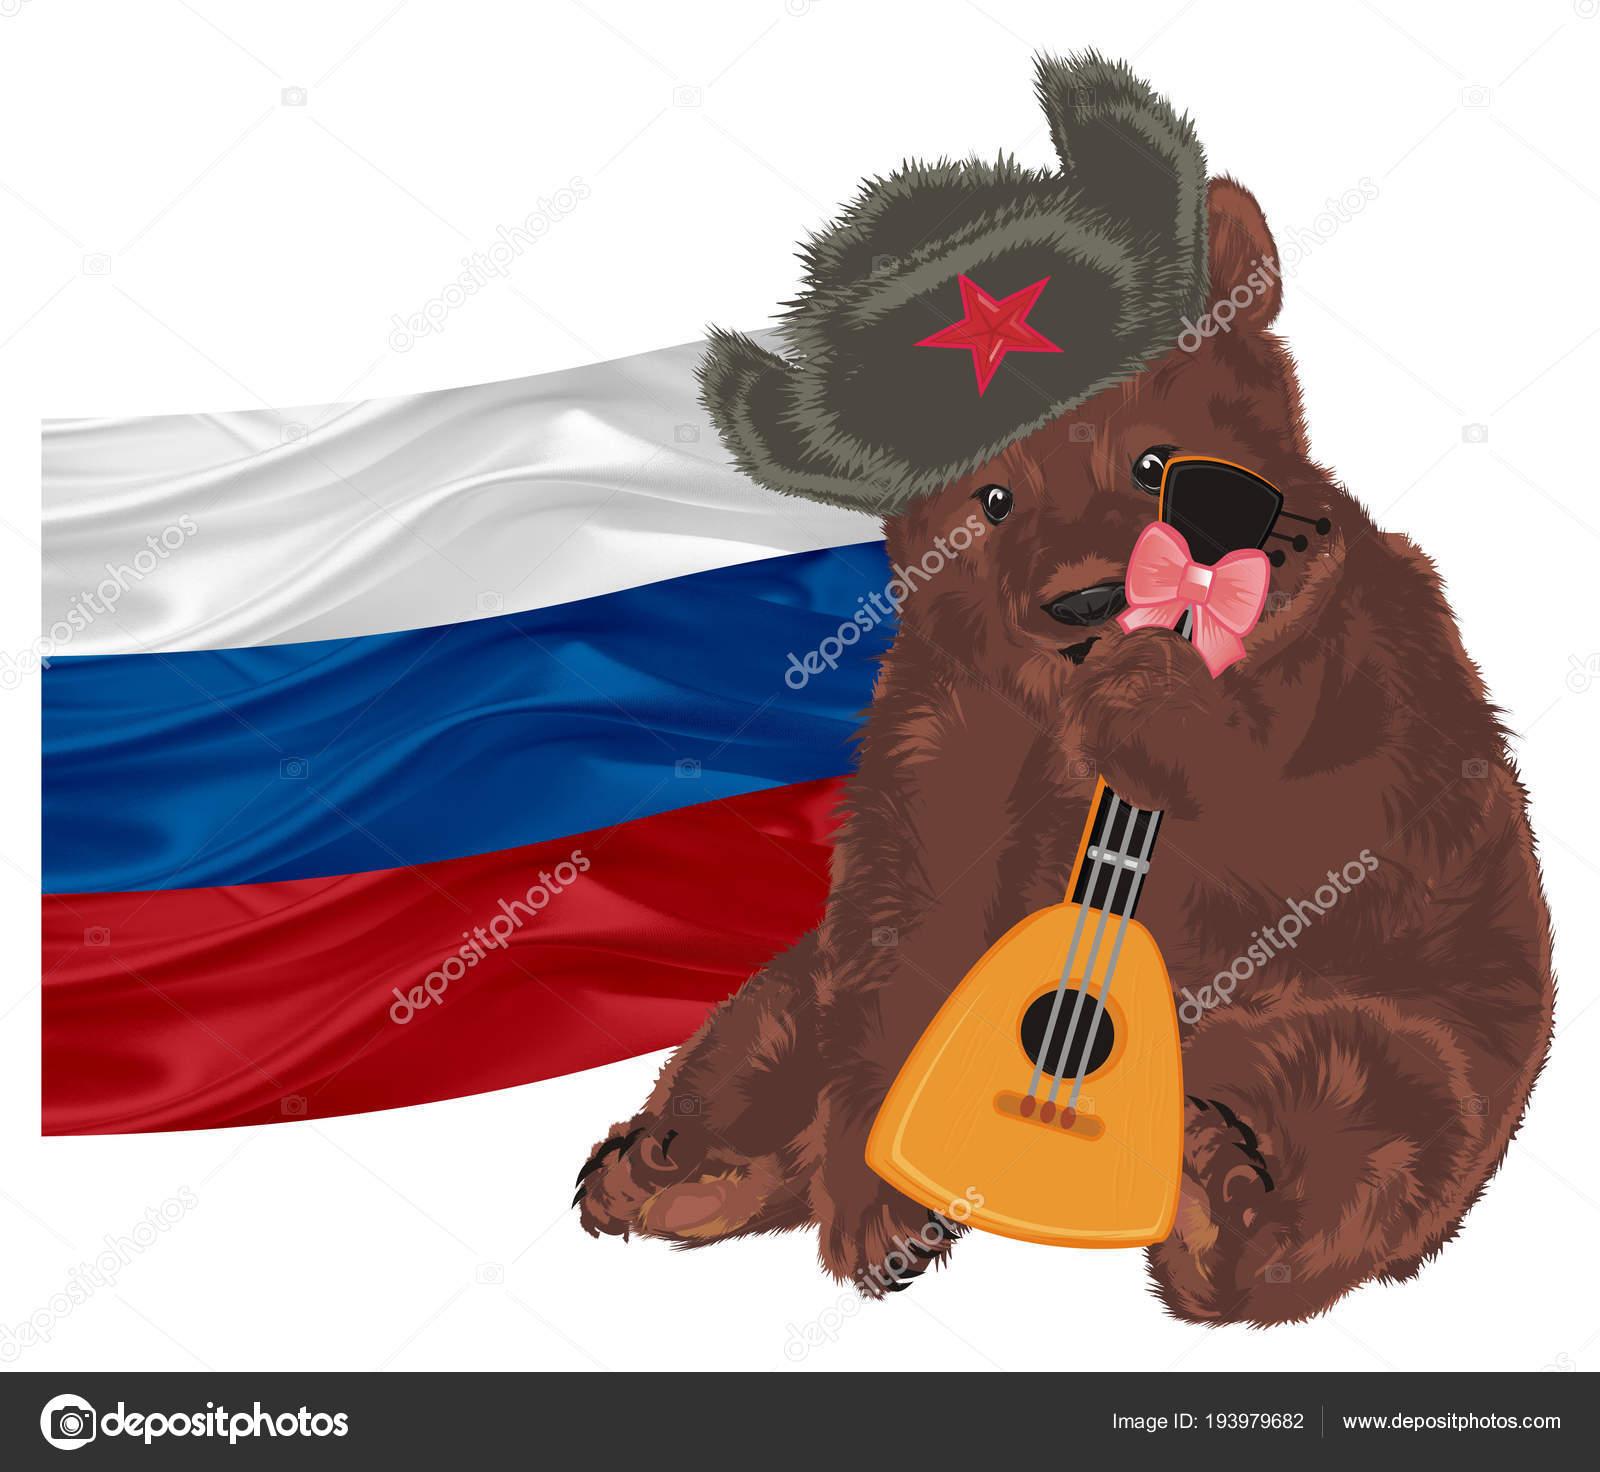 Символы и флаги с медведем на фото